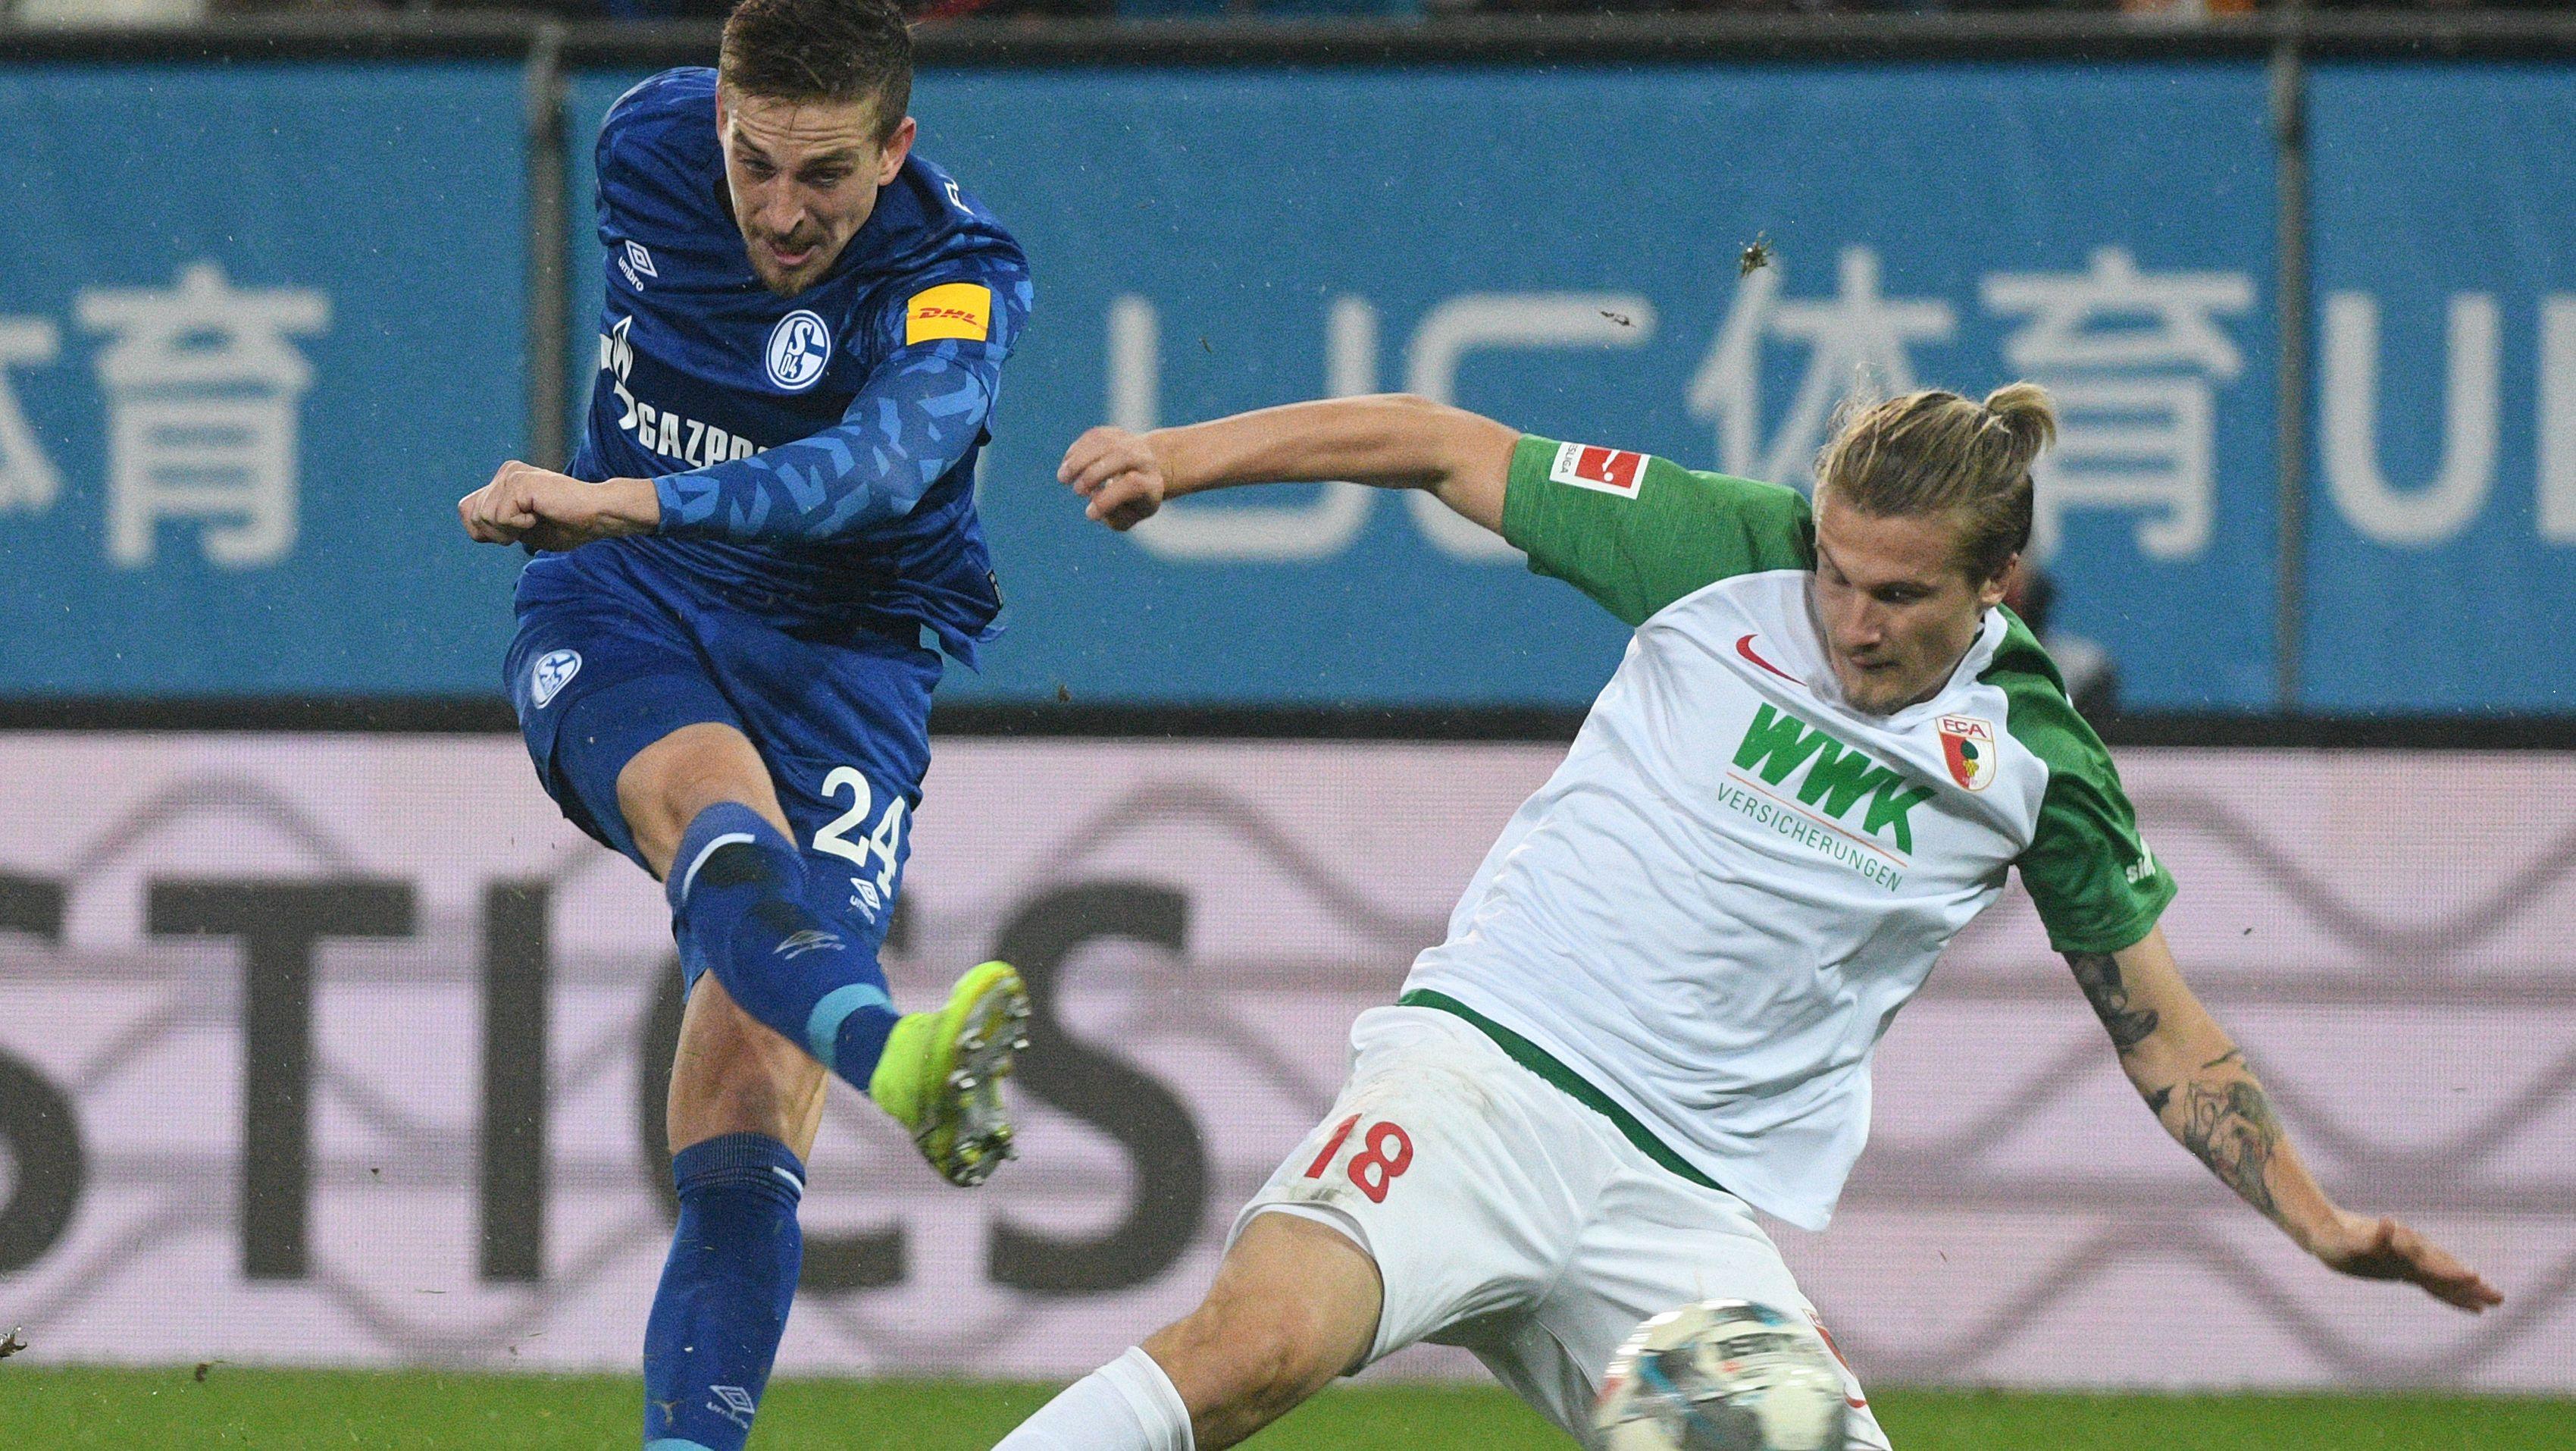 Zweikampf im Spiel zwischen dem FC Augsburg und Schalke 04